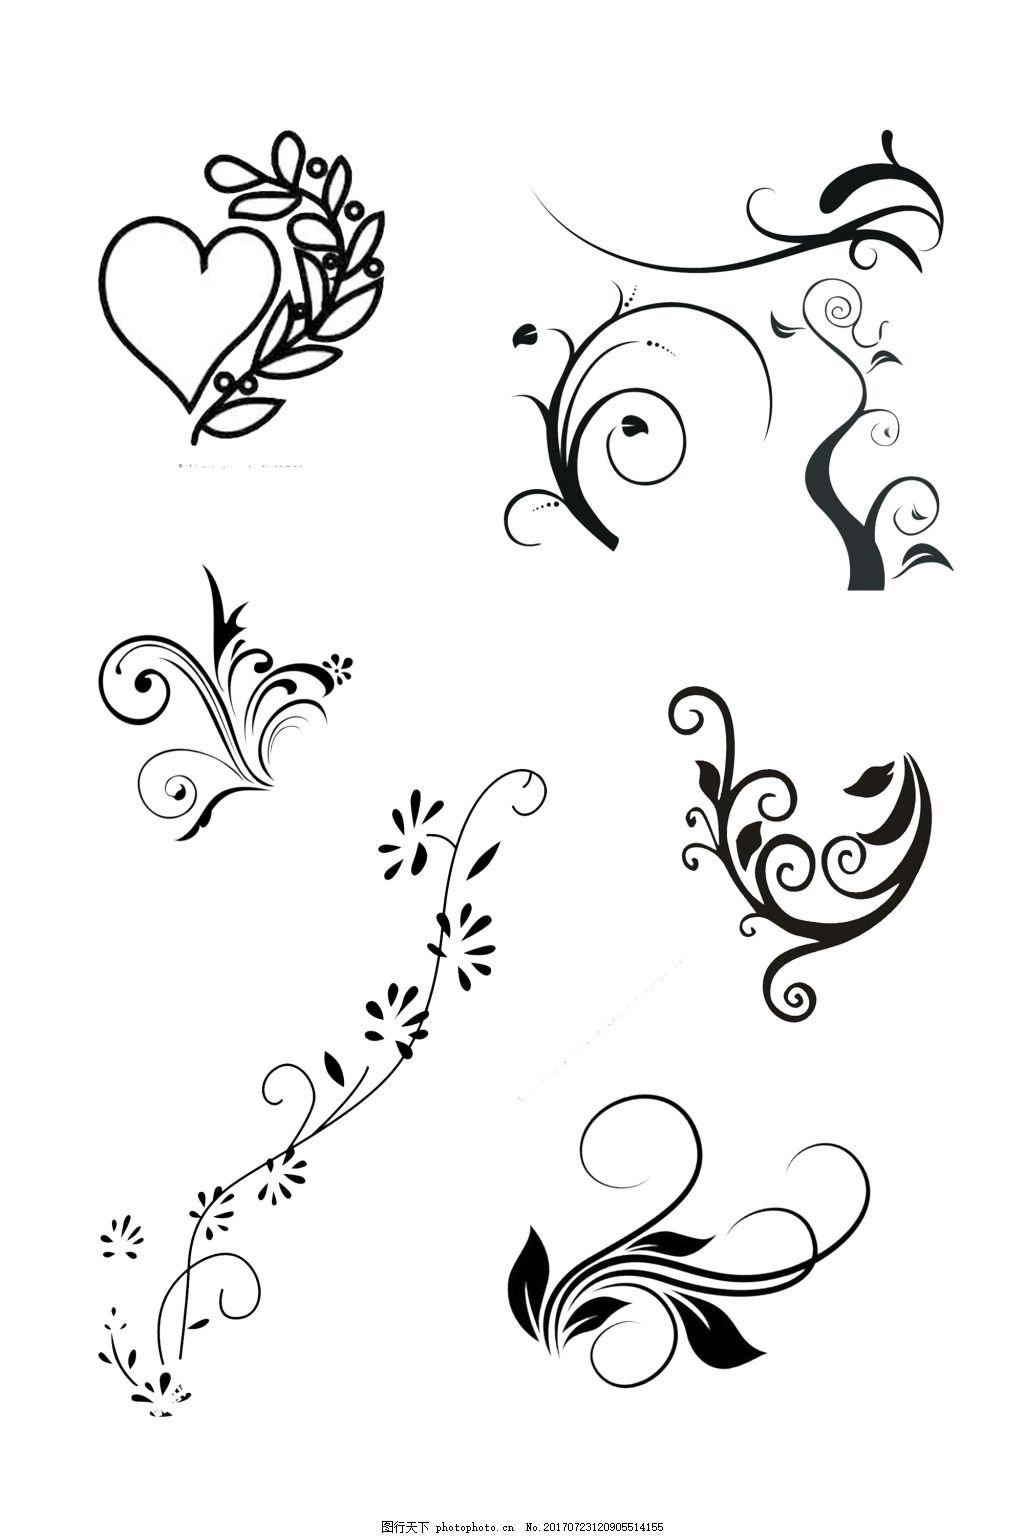 花纹线稿设计图 单色 墙绘 黑白 欧式花纹 花边 装饰花边